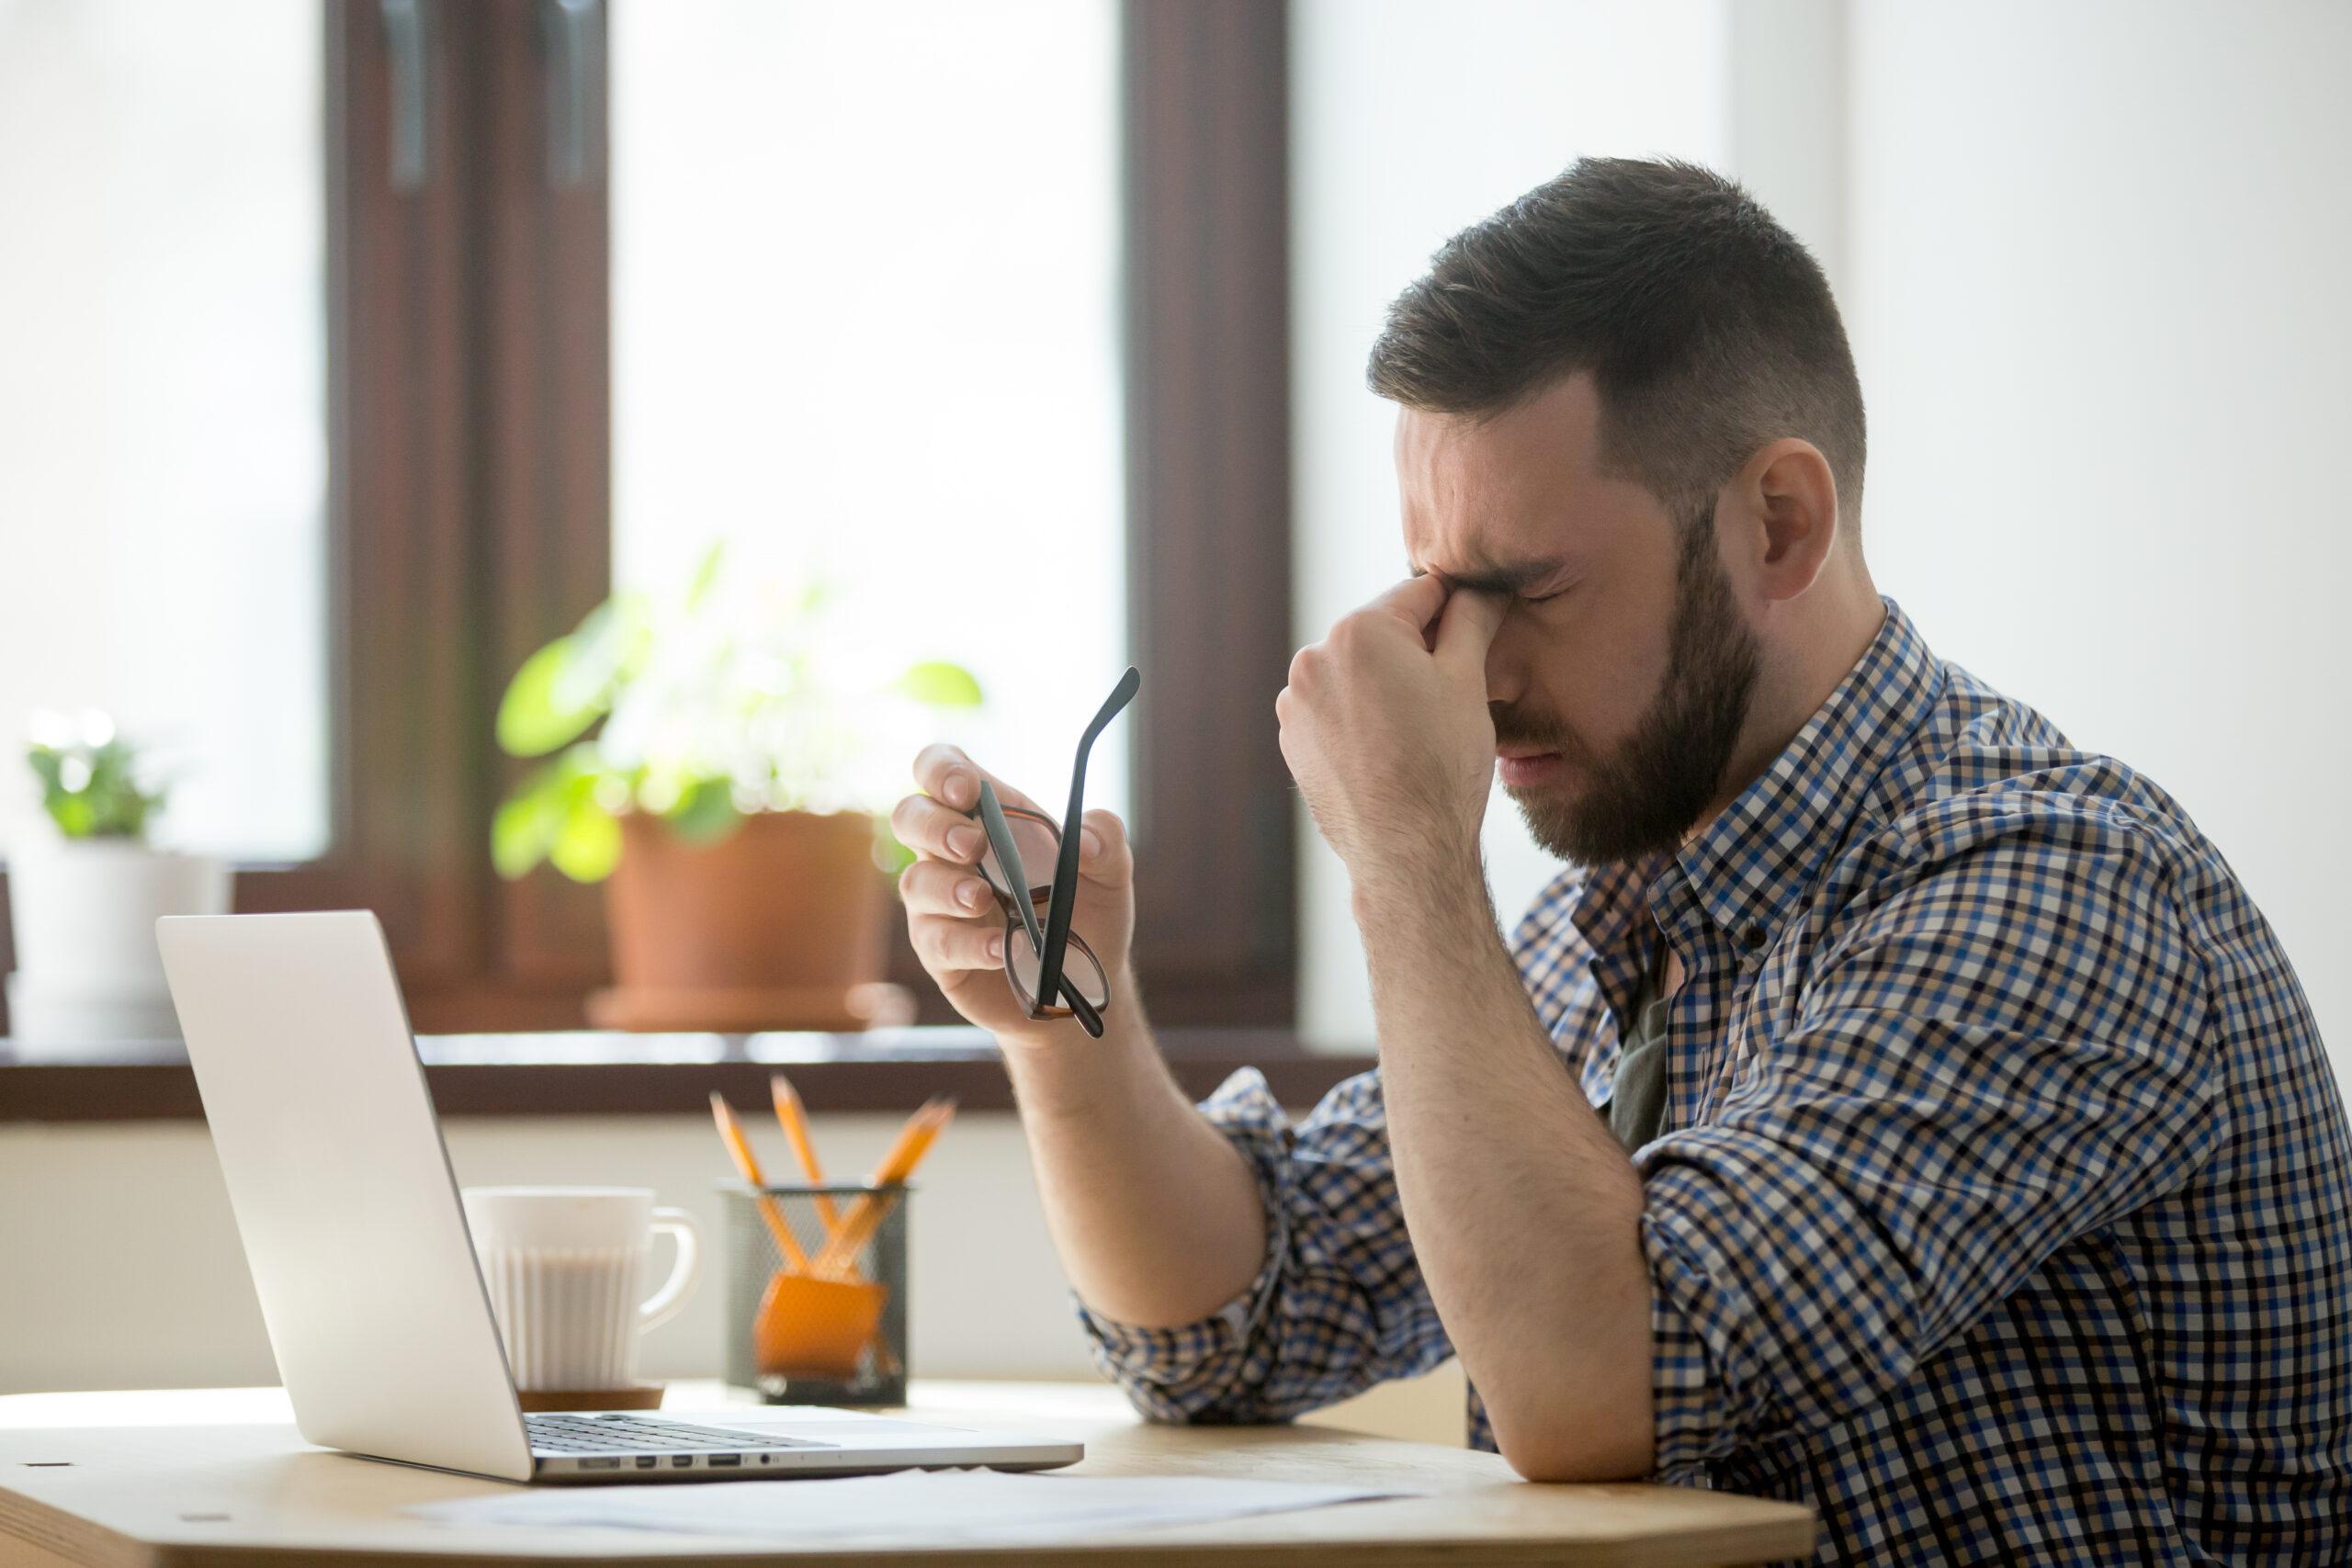 Imagem de um homem com cara de cansado em frente a um computador. Imagem ilustrativa de texto franqueados de sucesso